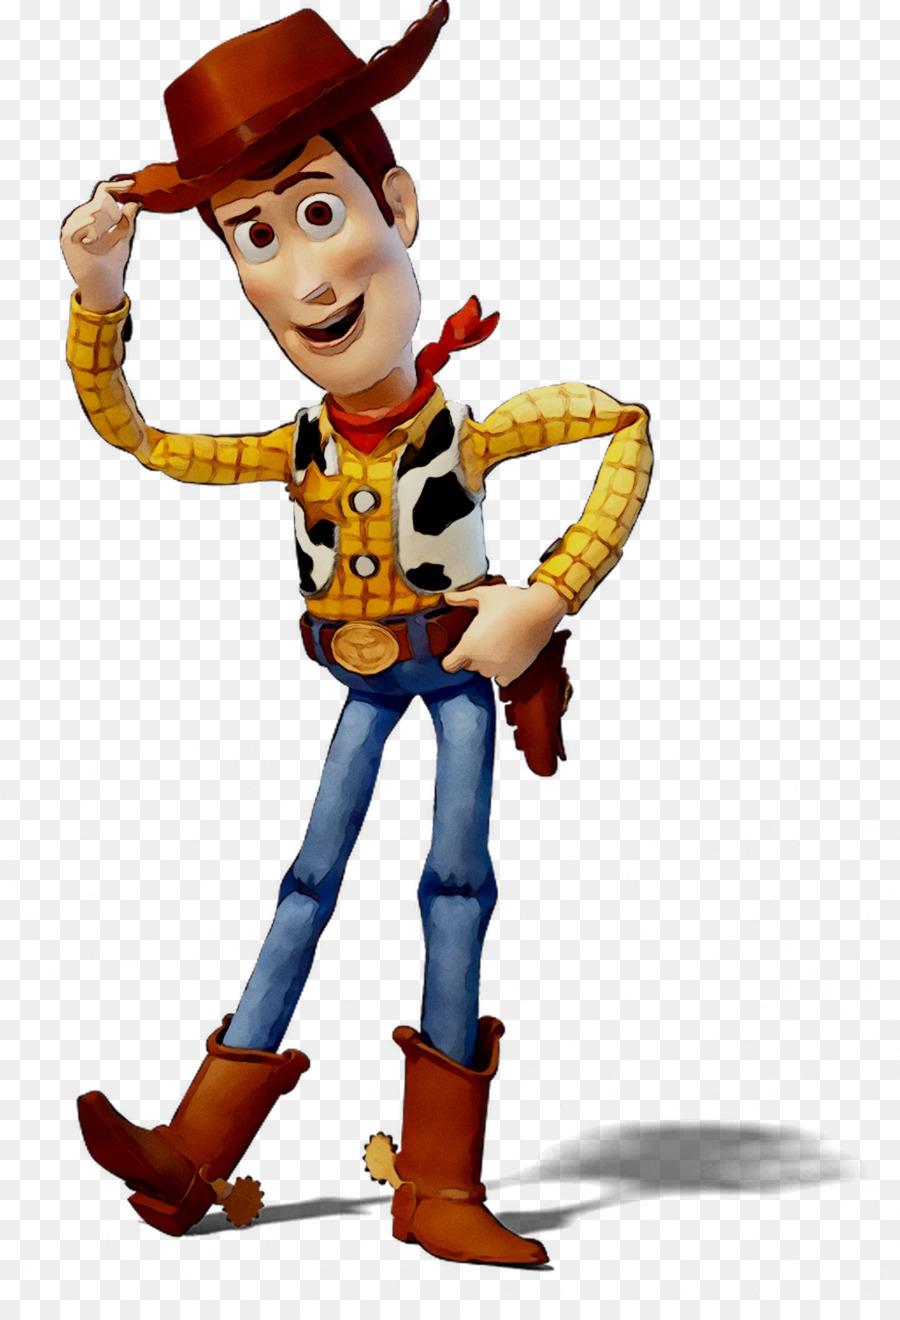 Descarga gratuita de Toy Story, El Sheriff Woody, Jessie imágenes PNG